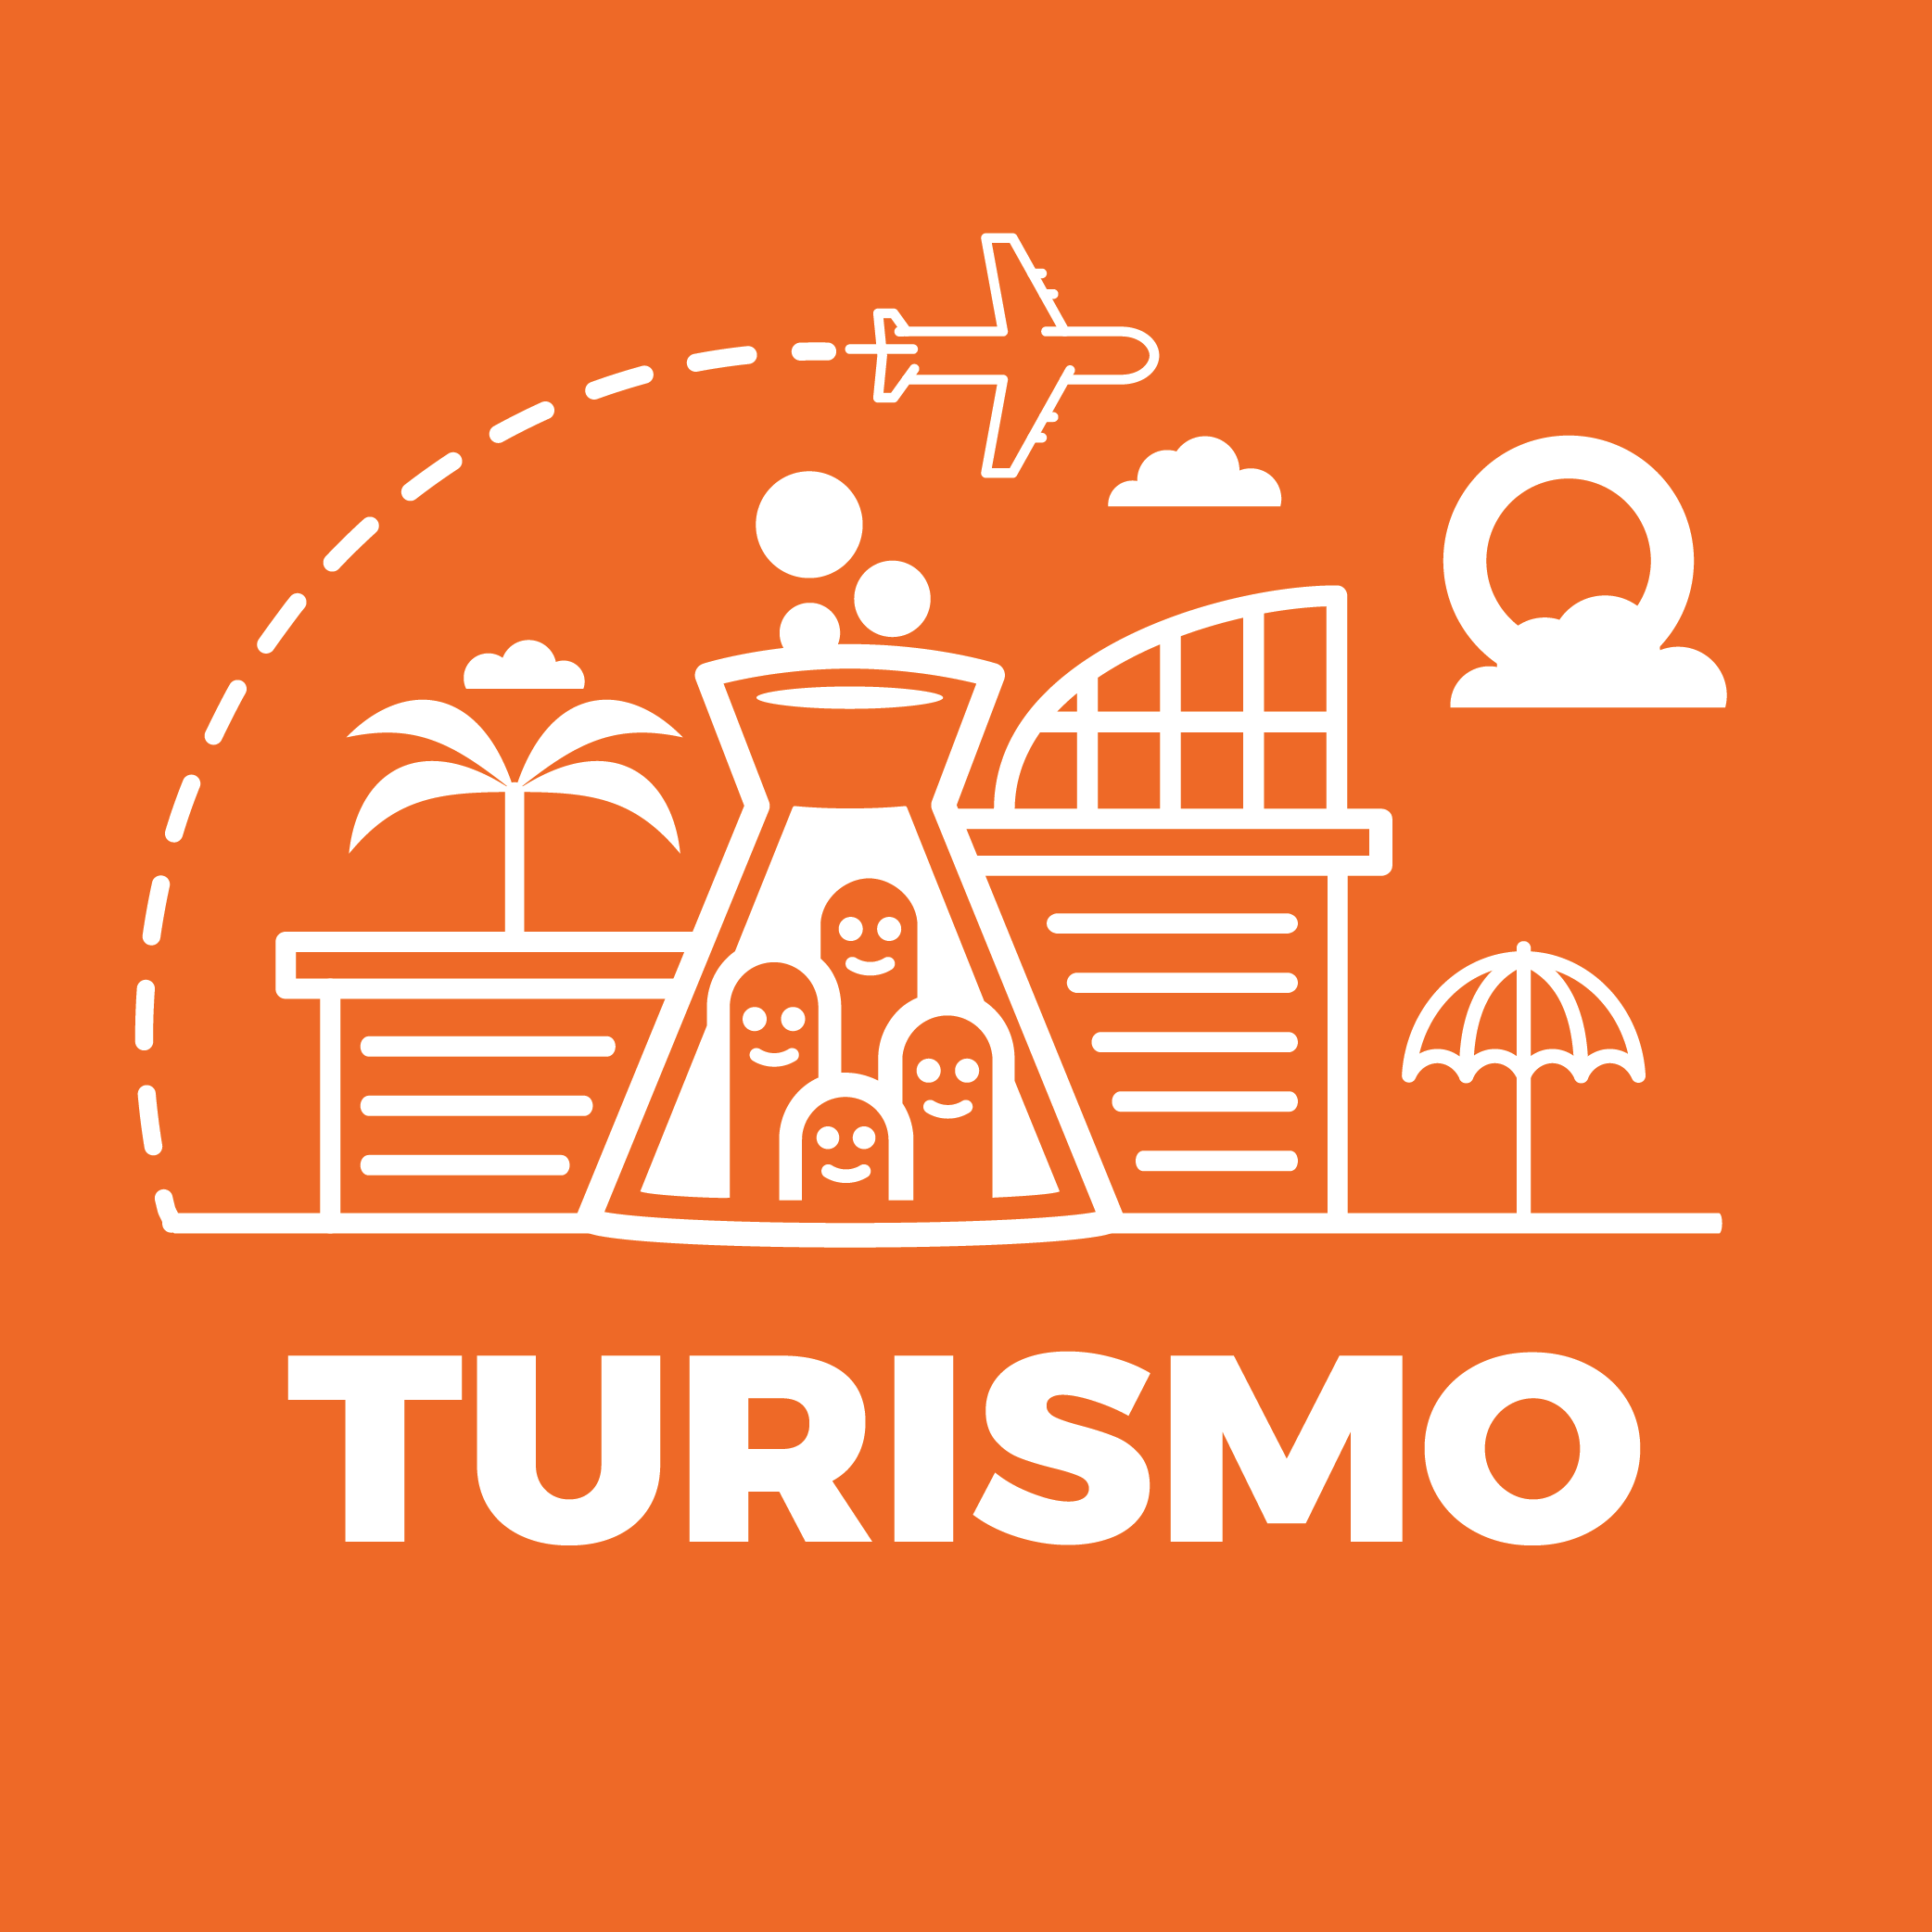 Soluciones tecnologicas para la industria turistica